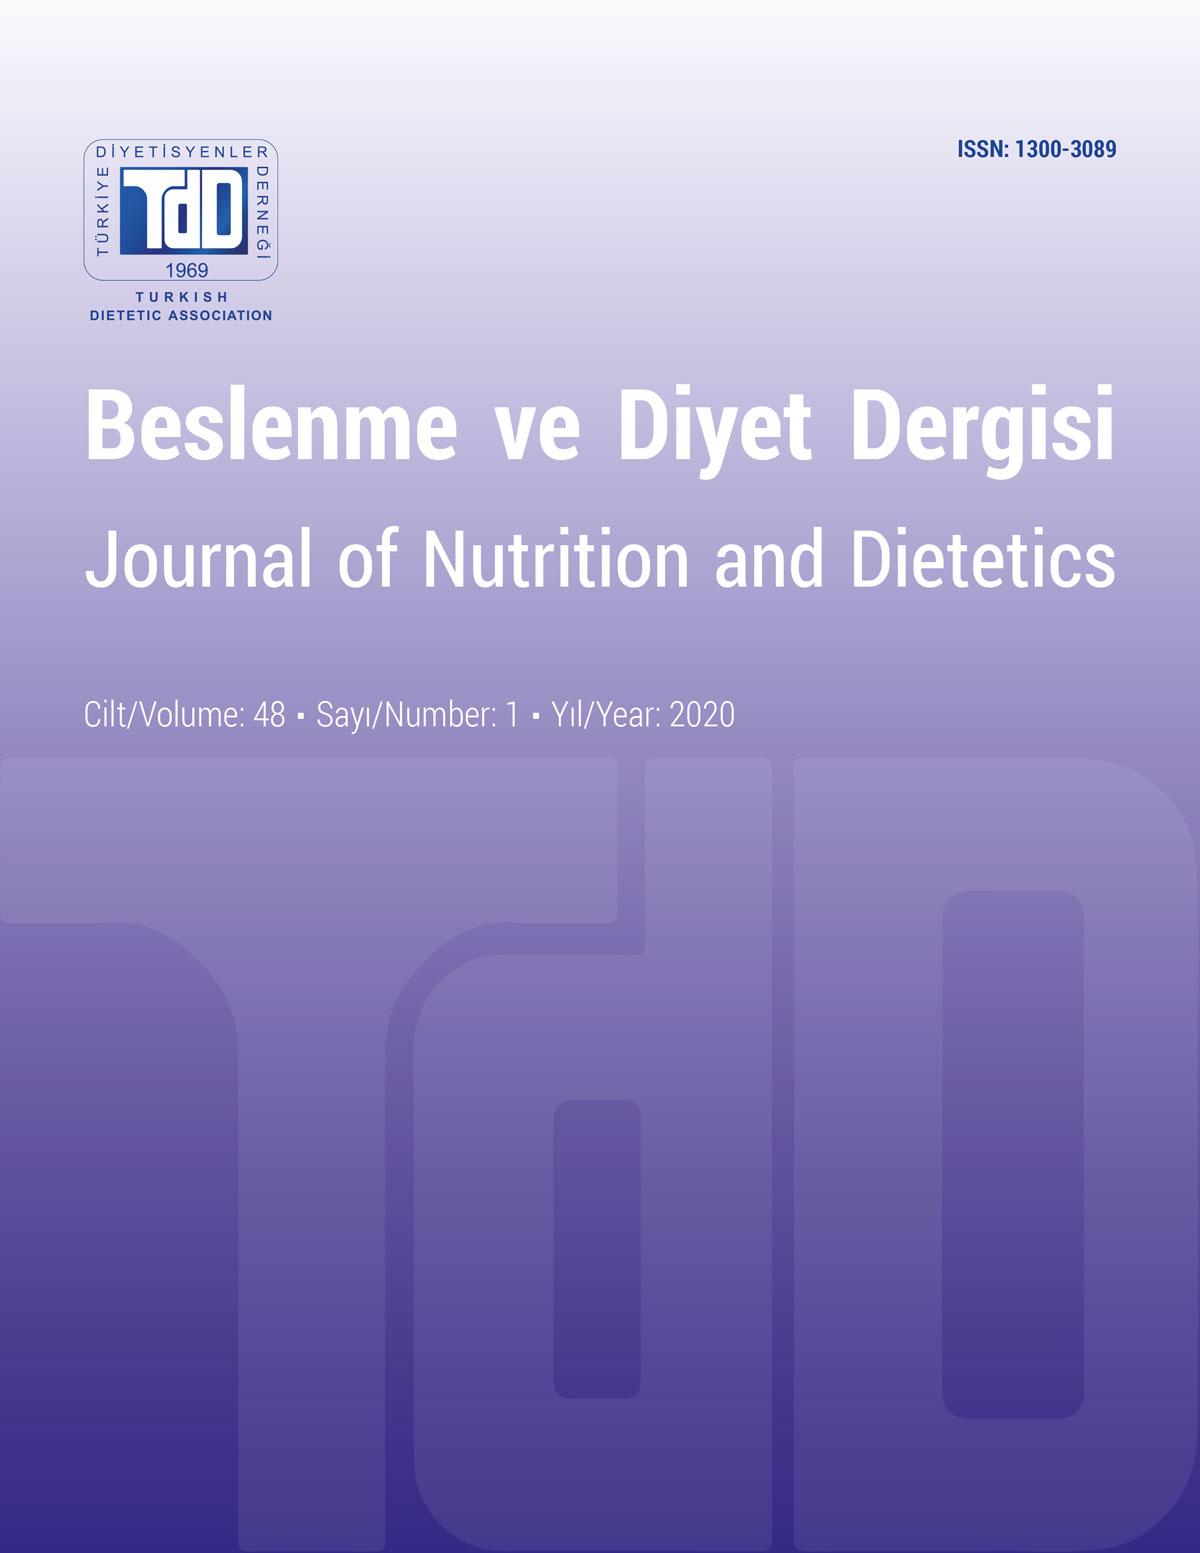 Beslenme ve Diyet Cilt 48 Sayı 1